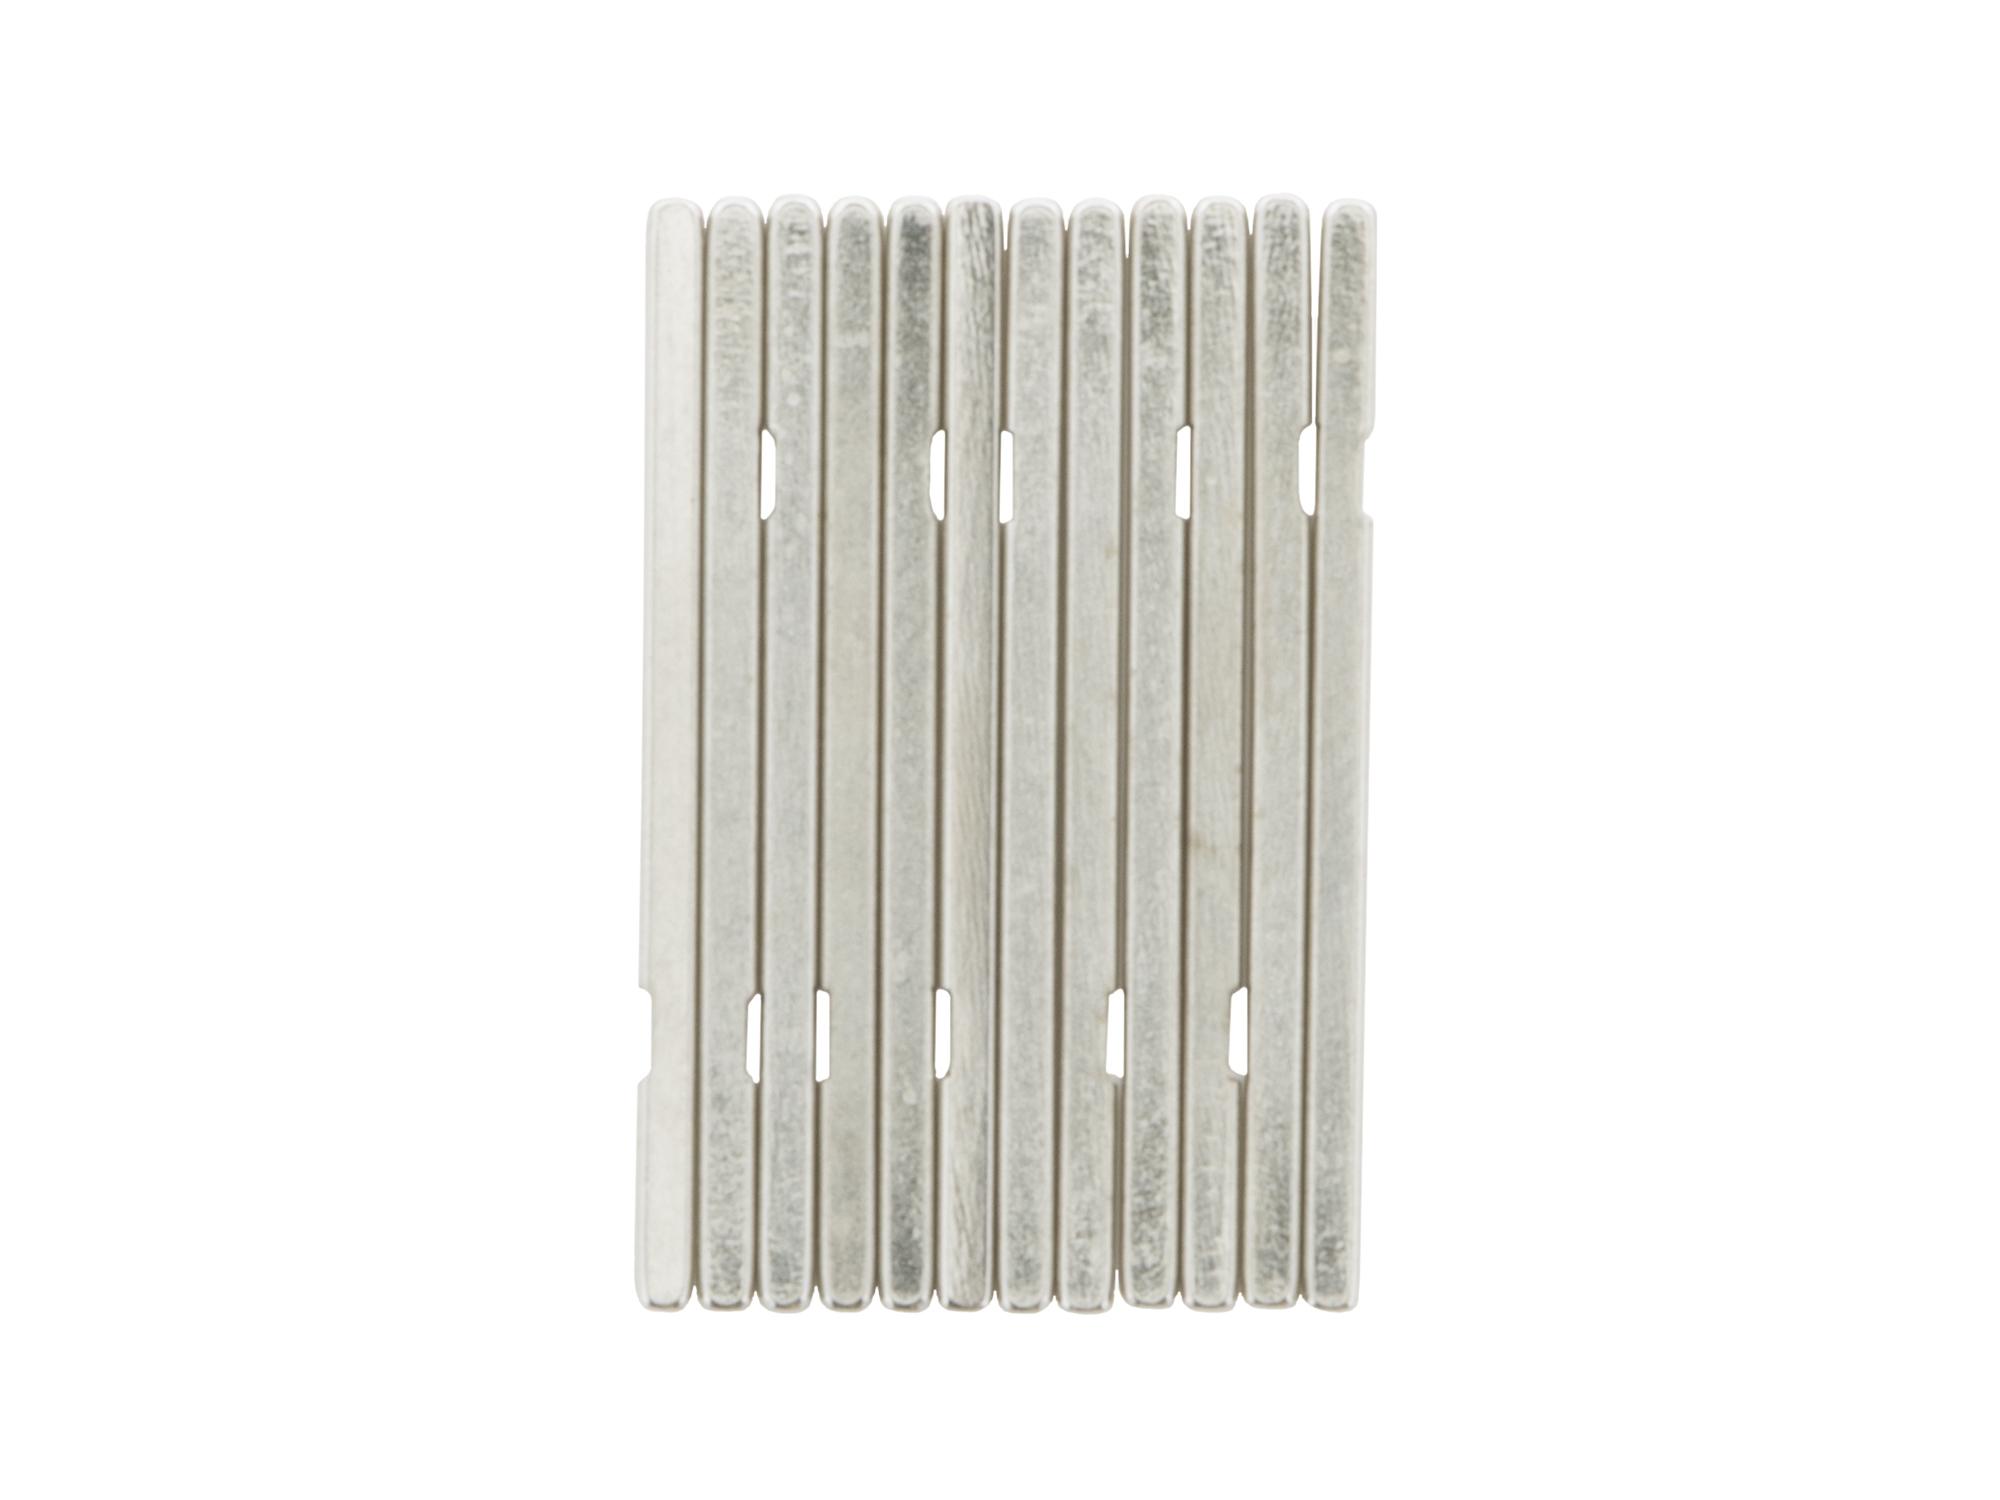 S AF Steel Pins (12)